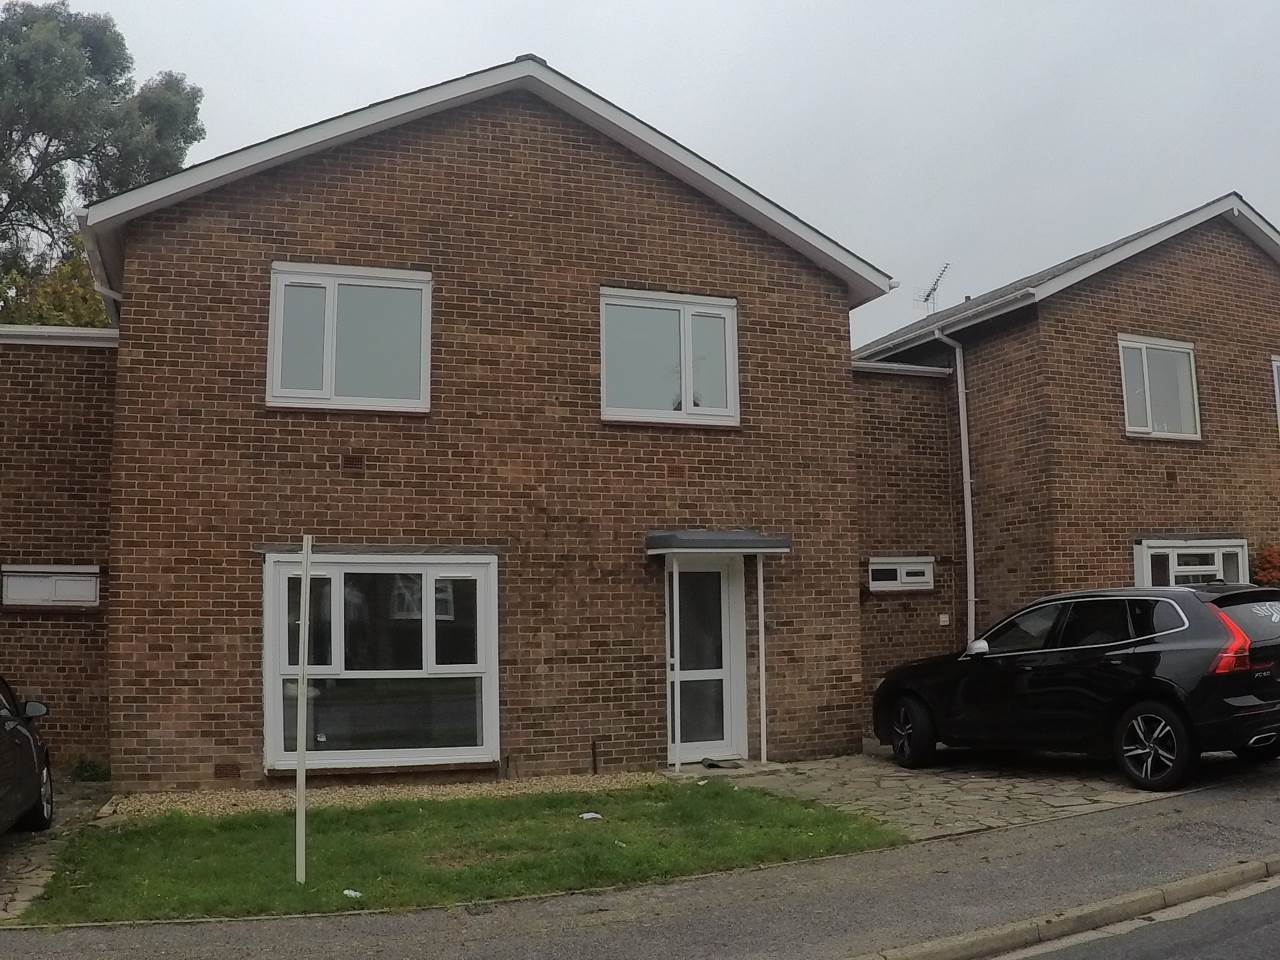 Meadowcroft, Hatfield, Hertfordshire